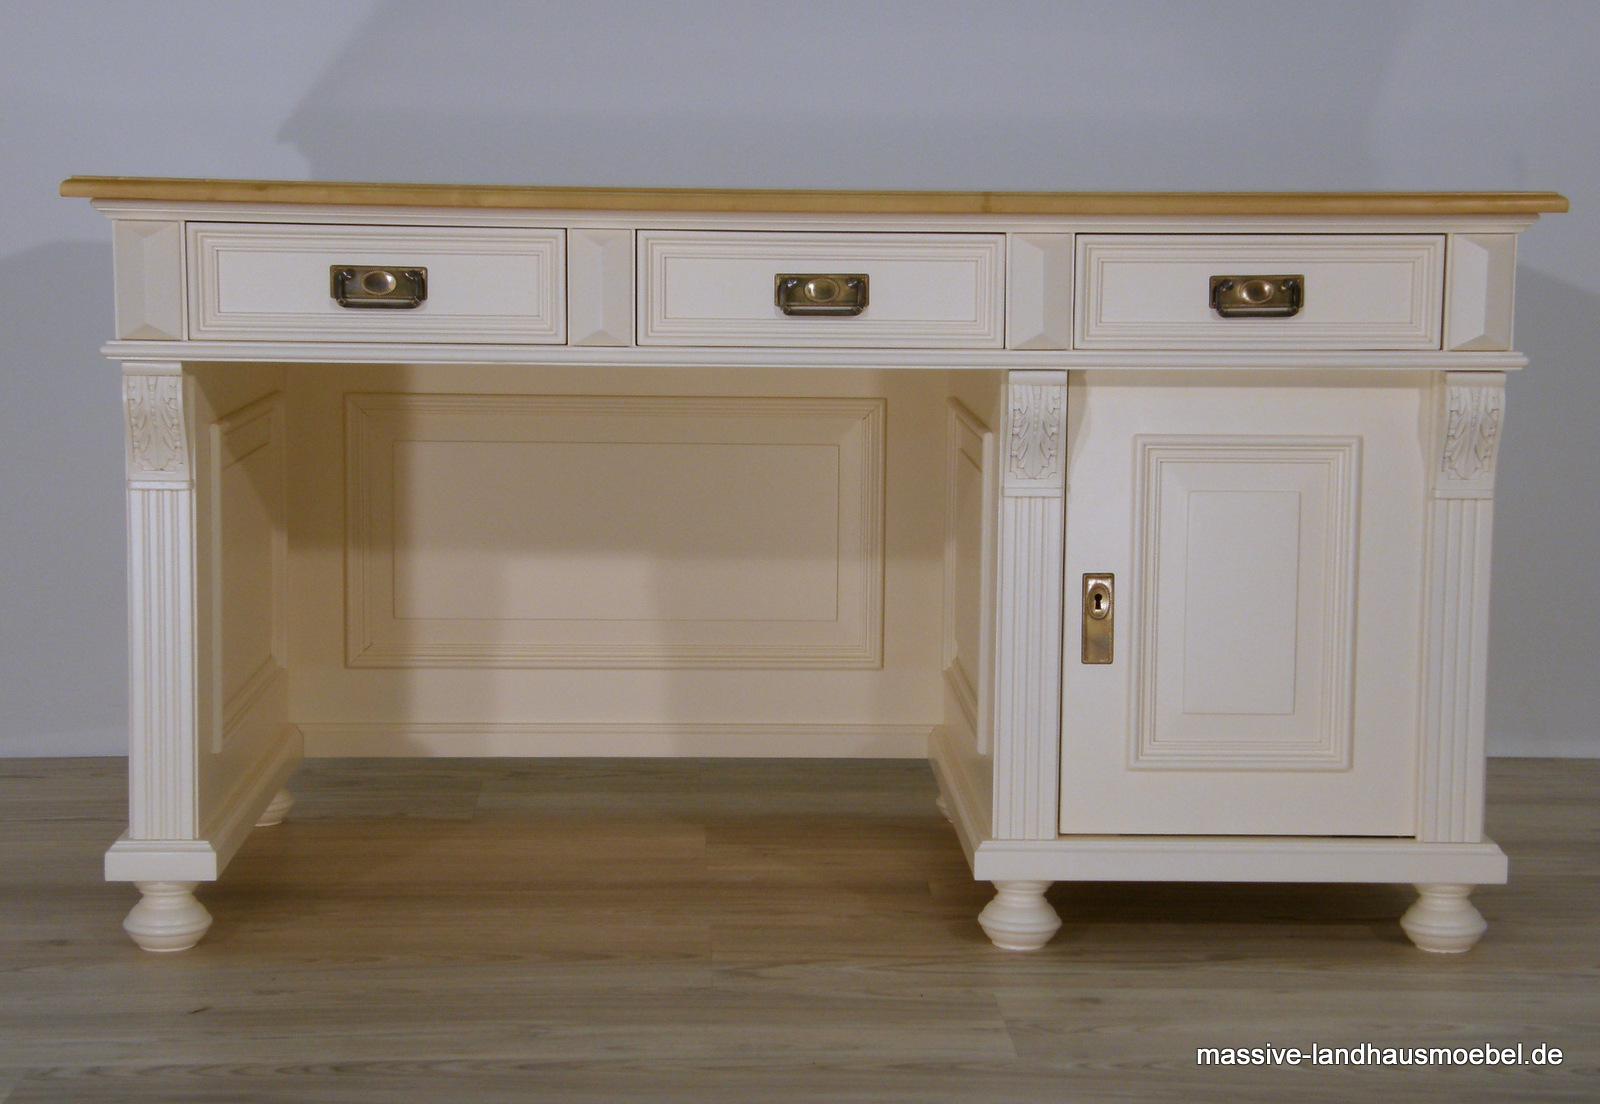 Schreibtisch holz antik  Massive Landhausmöbel - 1409 Schreibtisch Deluxe